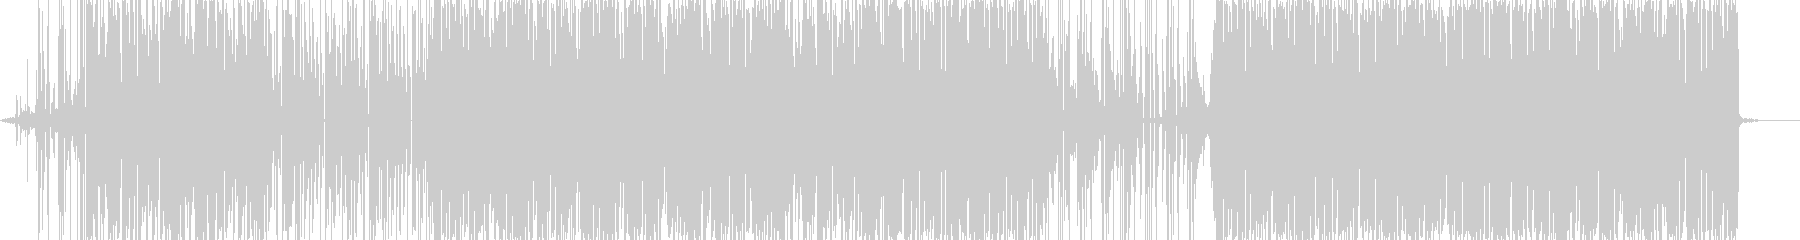 メロウな打ち込み系BGMの未再生の波形